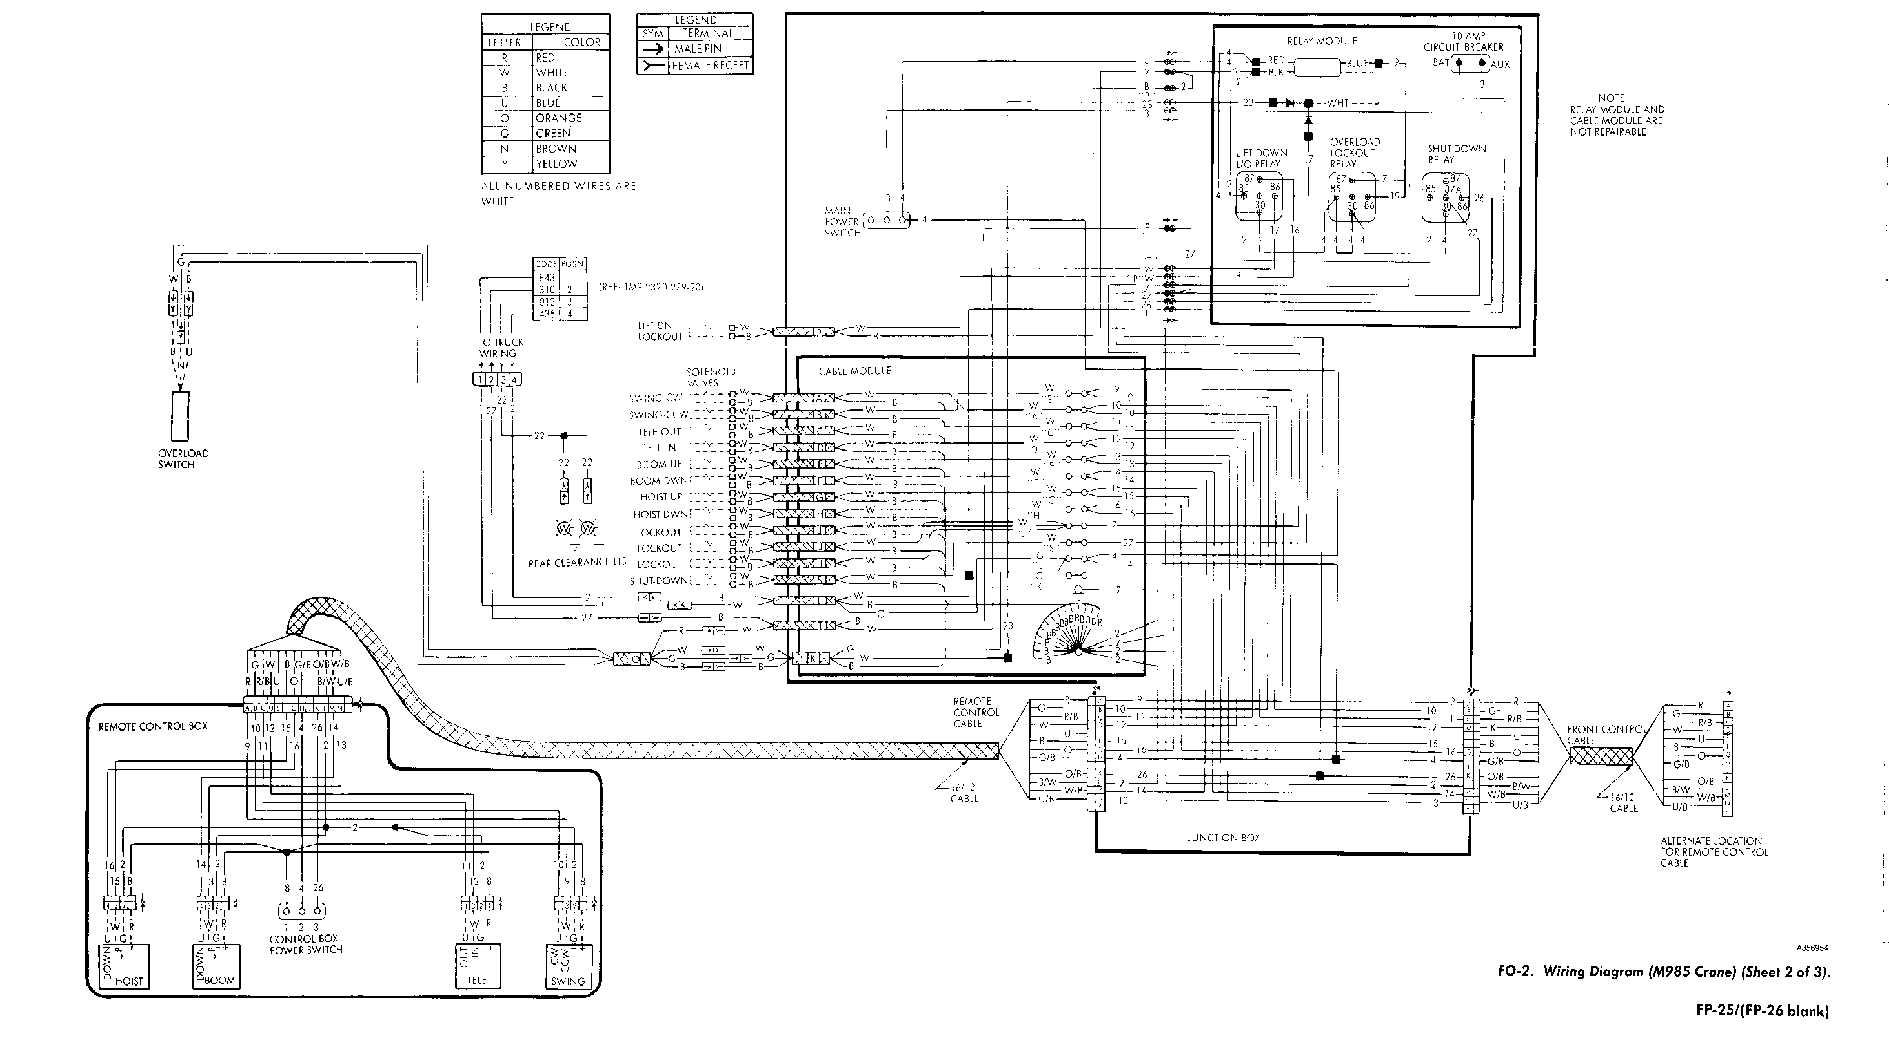 fo 2 wiring diagram m985 crane sheet 2 of 3